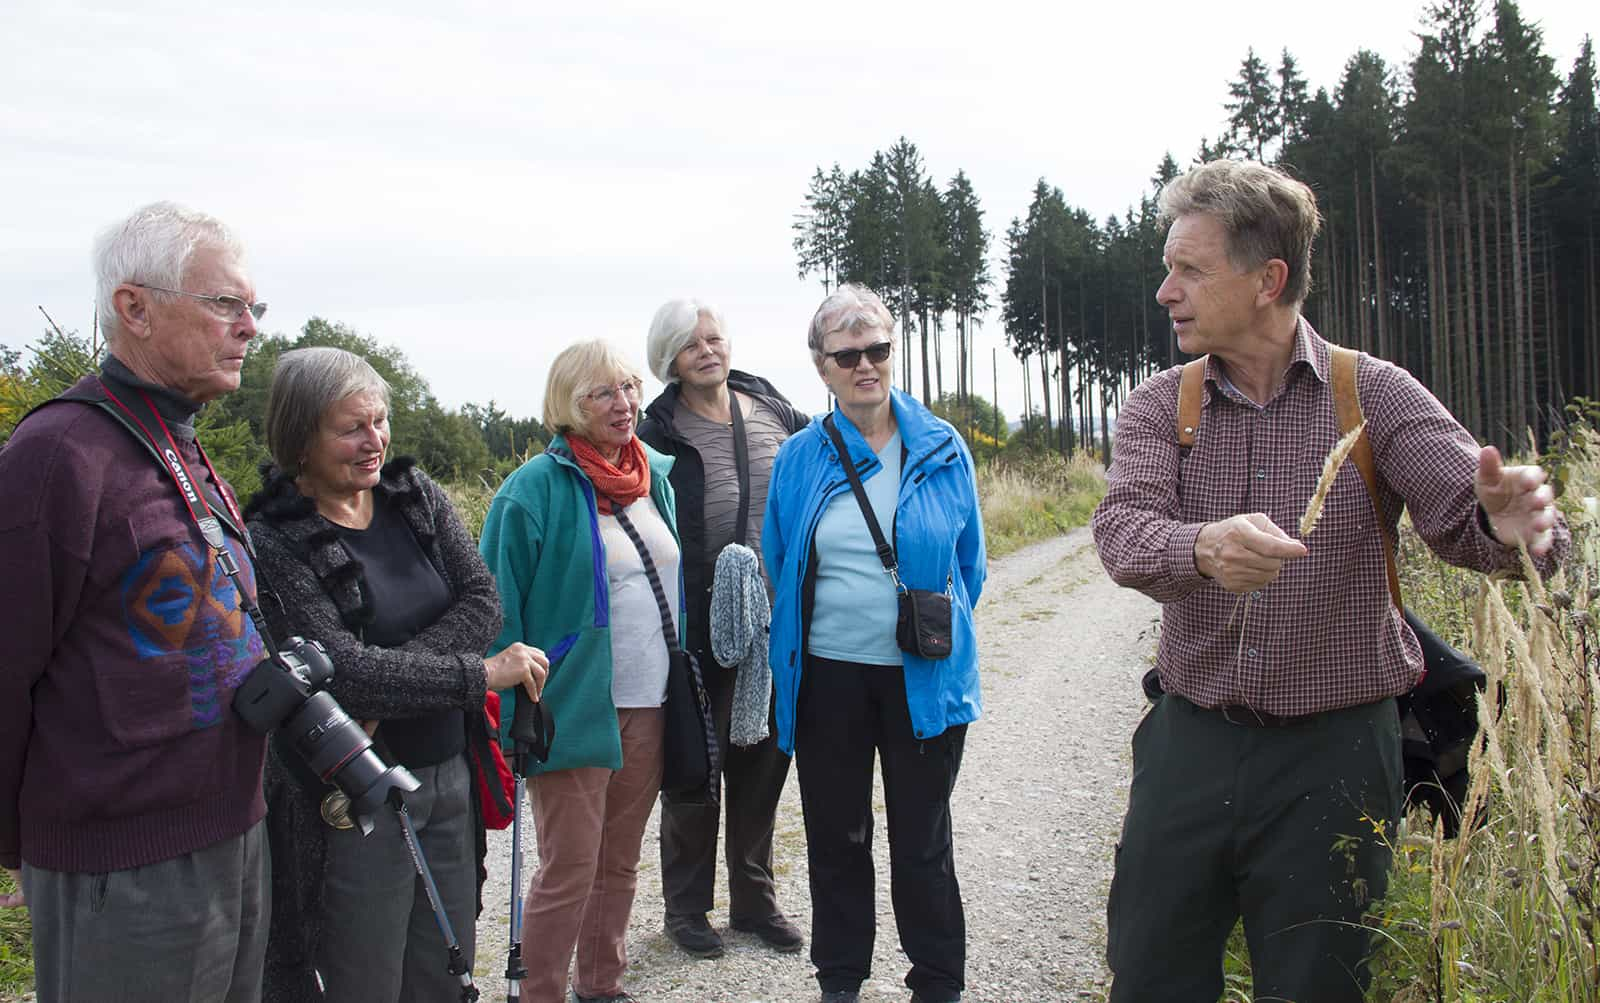 Waldspaziergang am Parsberg in Germering mit Förster Hans-Jürgen Gulder